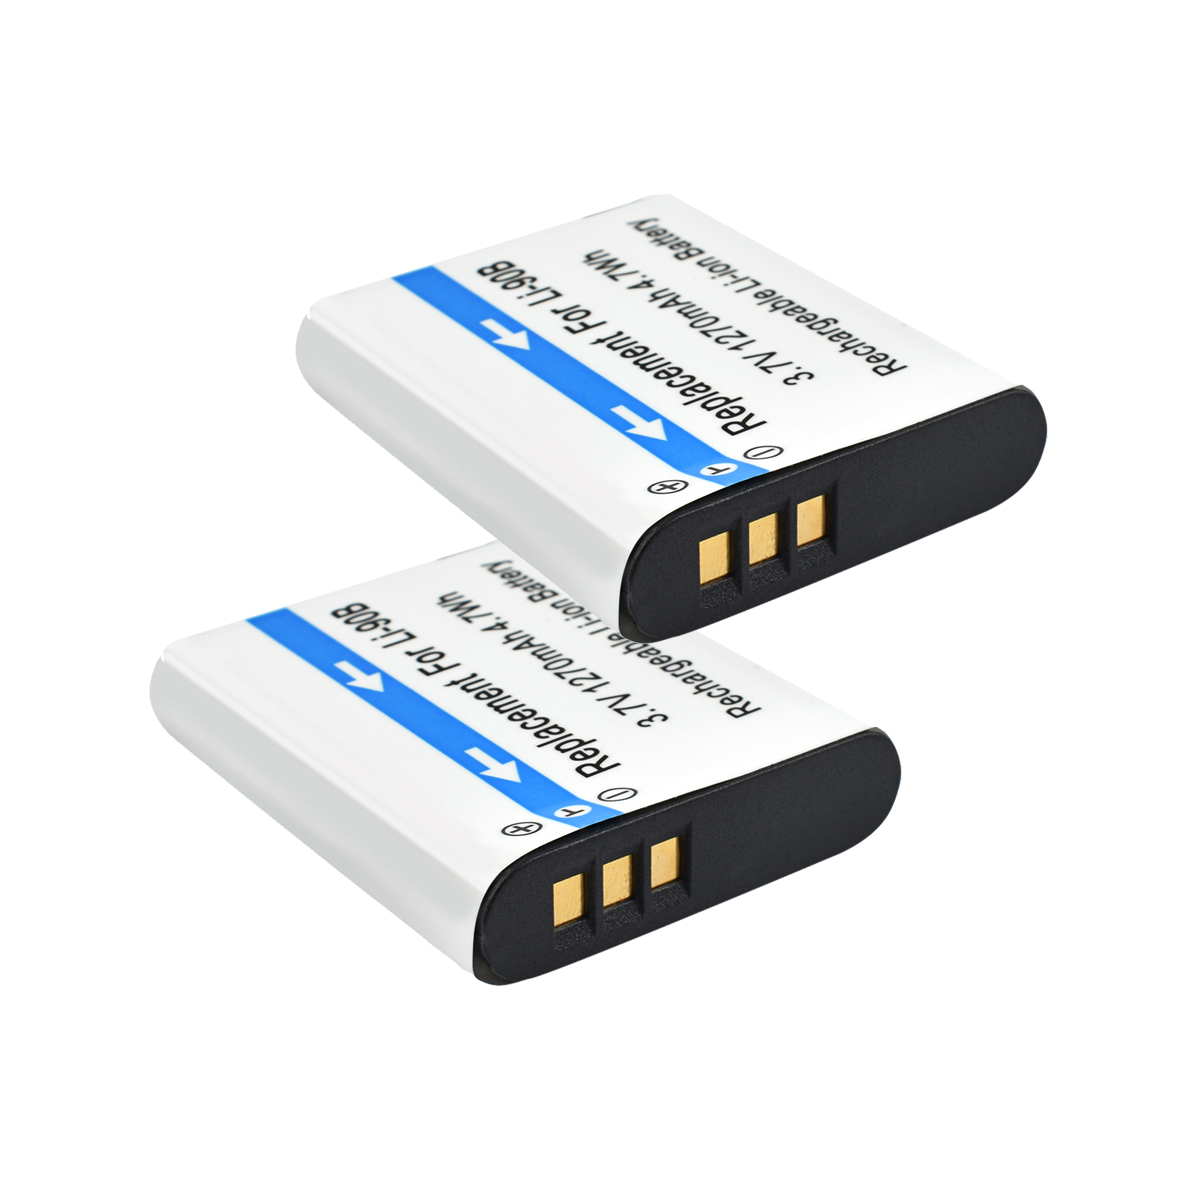 2X 1270MAH LI-90B LI-92B LI92B LI90B 90B Camera Battery for Olympus  XZ-2,SH-50,SH-1,SP-100,Tough TG-1,TG-2,TG-3,TG-4,TG L202X 1270MAH LI-90B LI-92B LI92B LI90B 90B Camera Battery for Olympus  XZ-2,SH-50,SH-1,SP-100,Tough TG-1,TG-2,TG-3,TG-4,TG L20